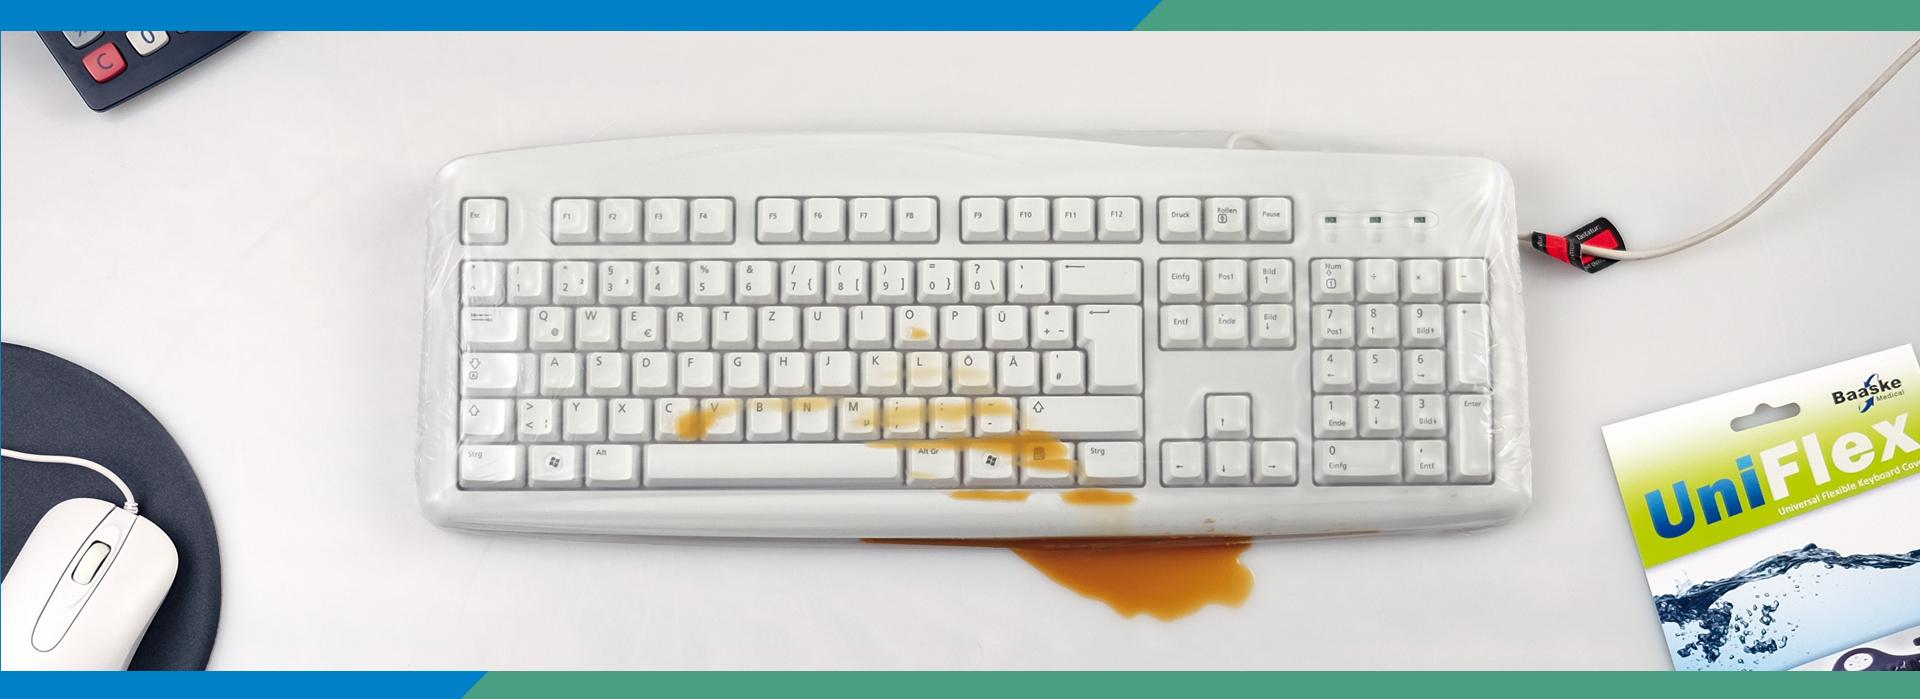 Tastatur Schutzfolie UNI FLEX schützt vor Flüssigkeiten